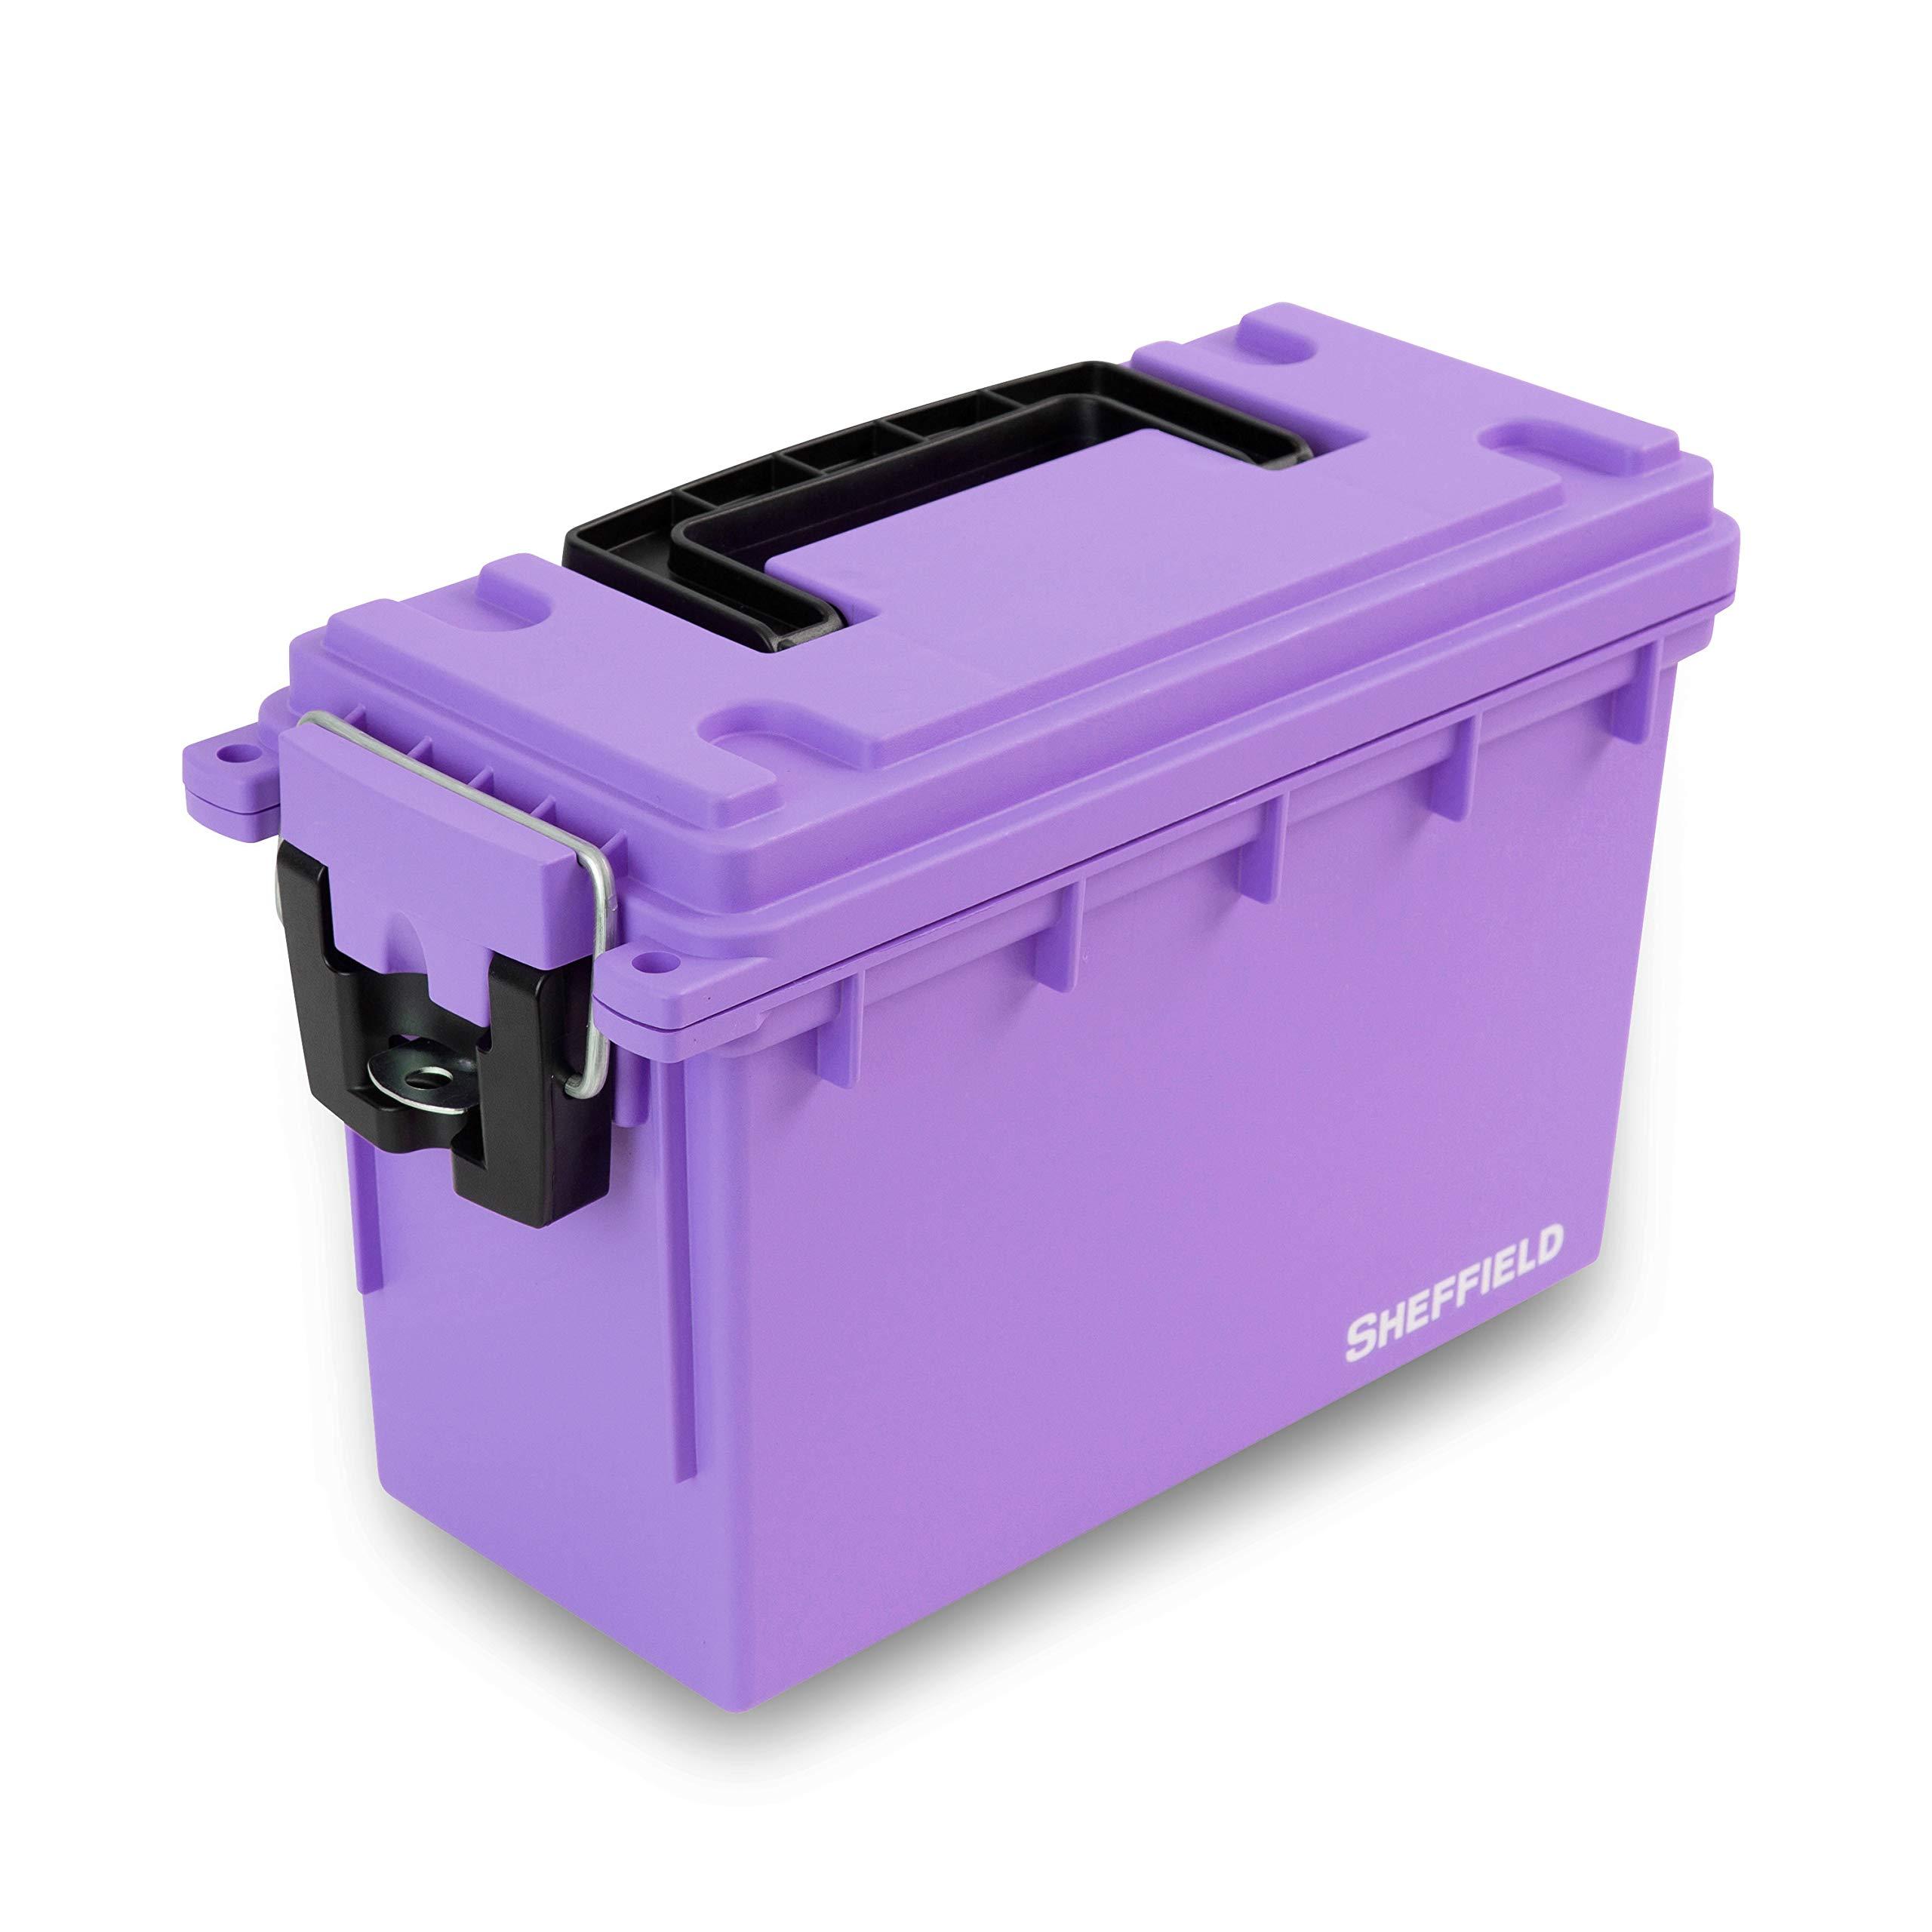 Sheffield 12632- Field Box- Purple